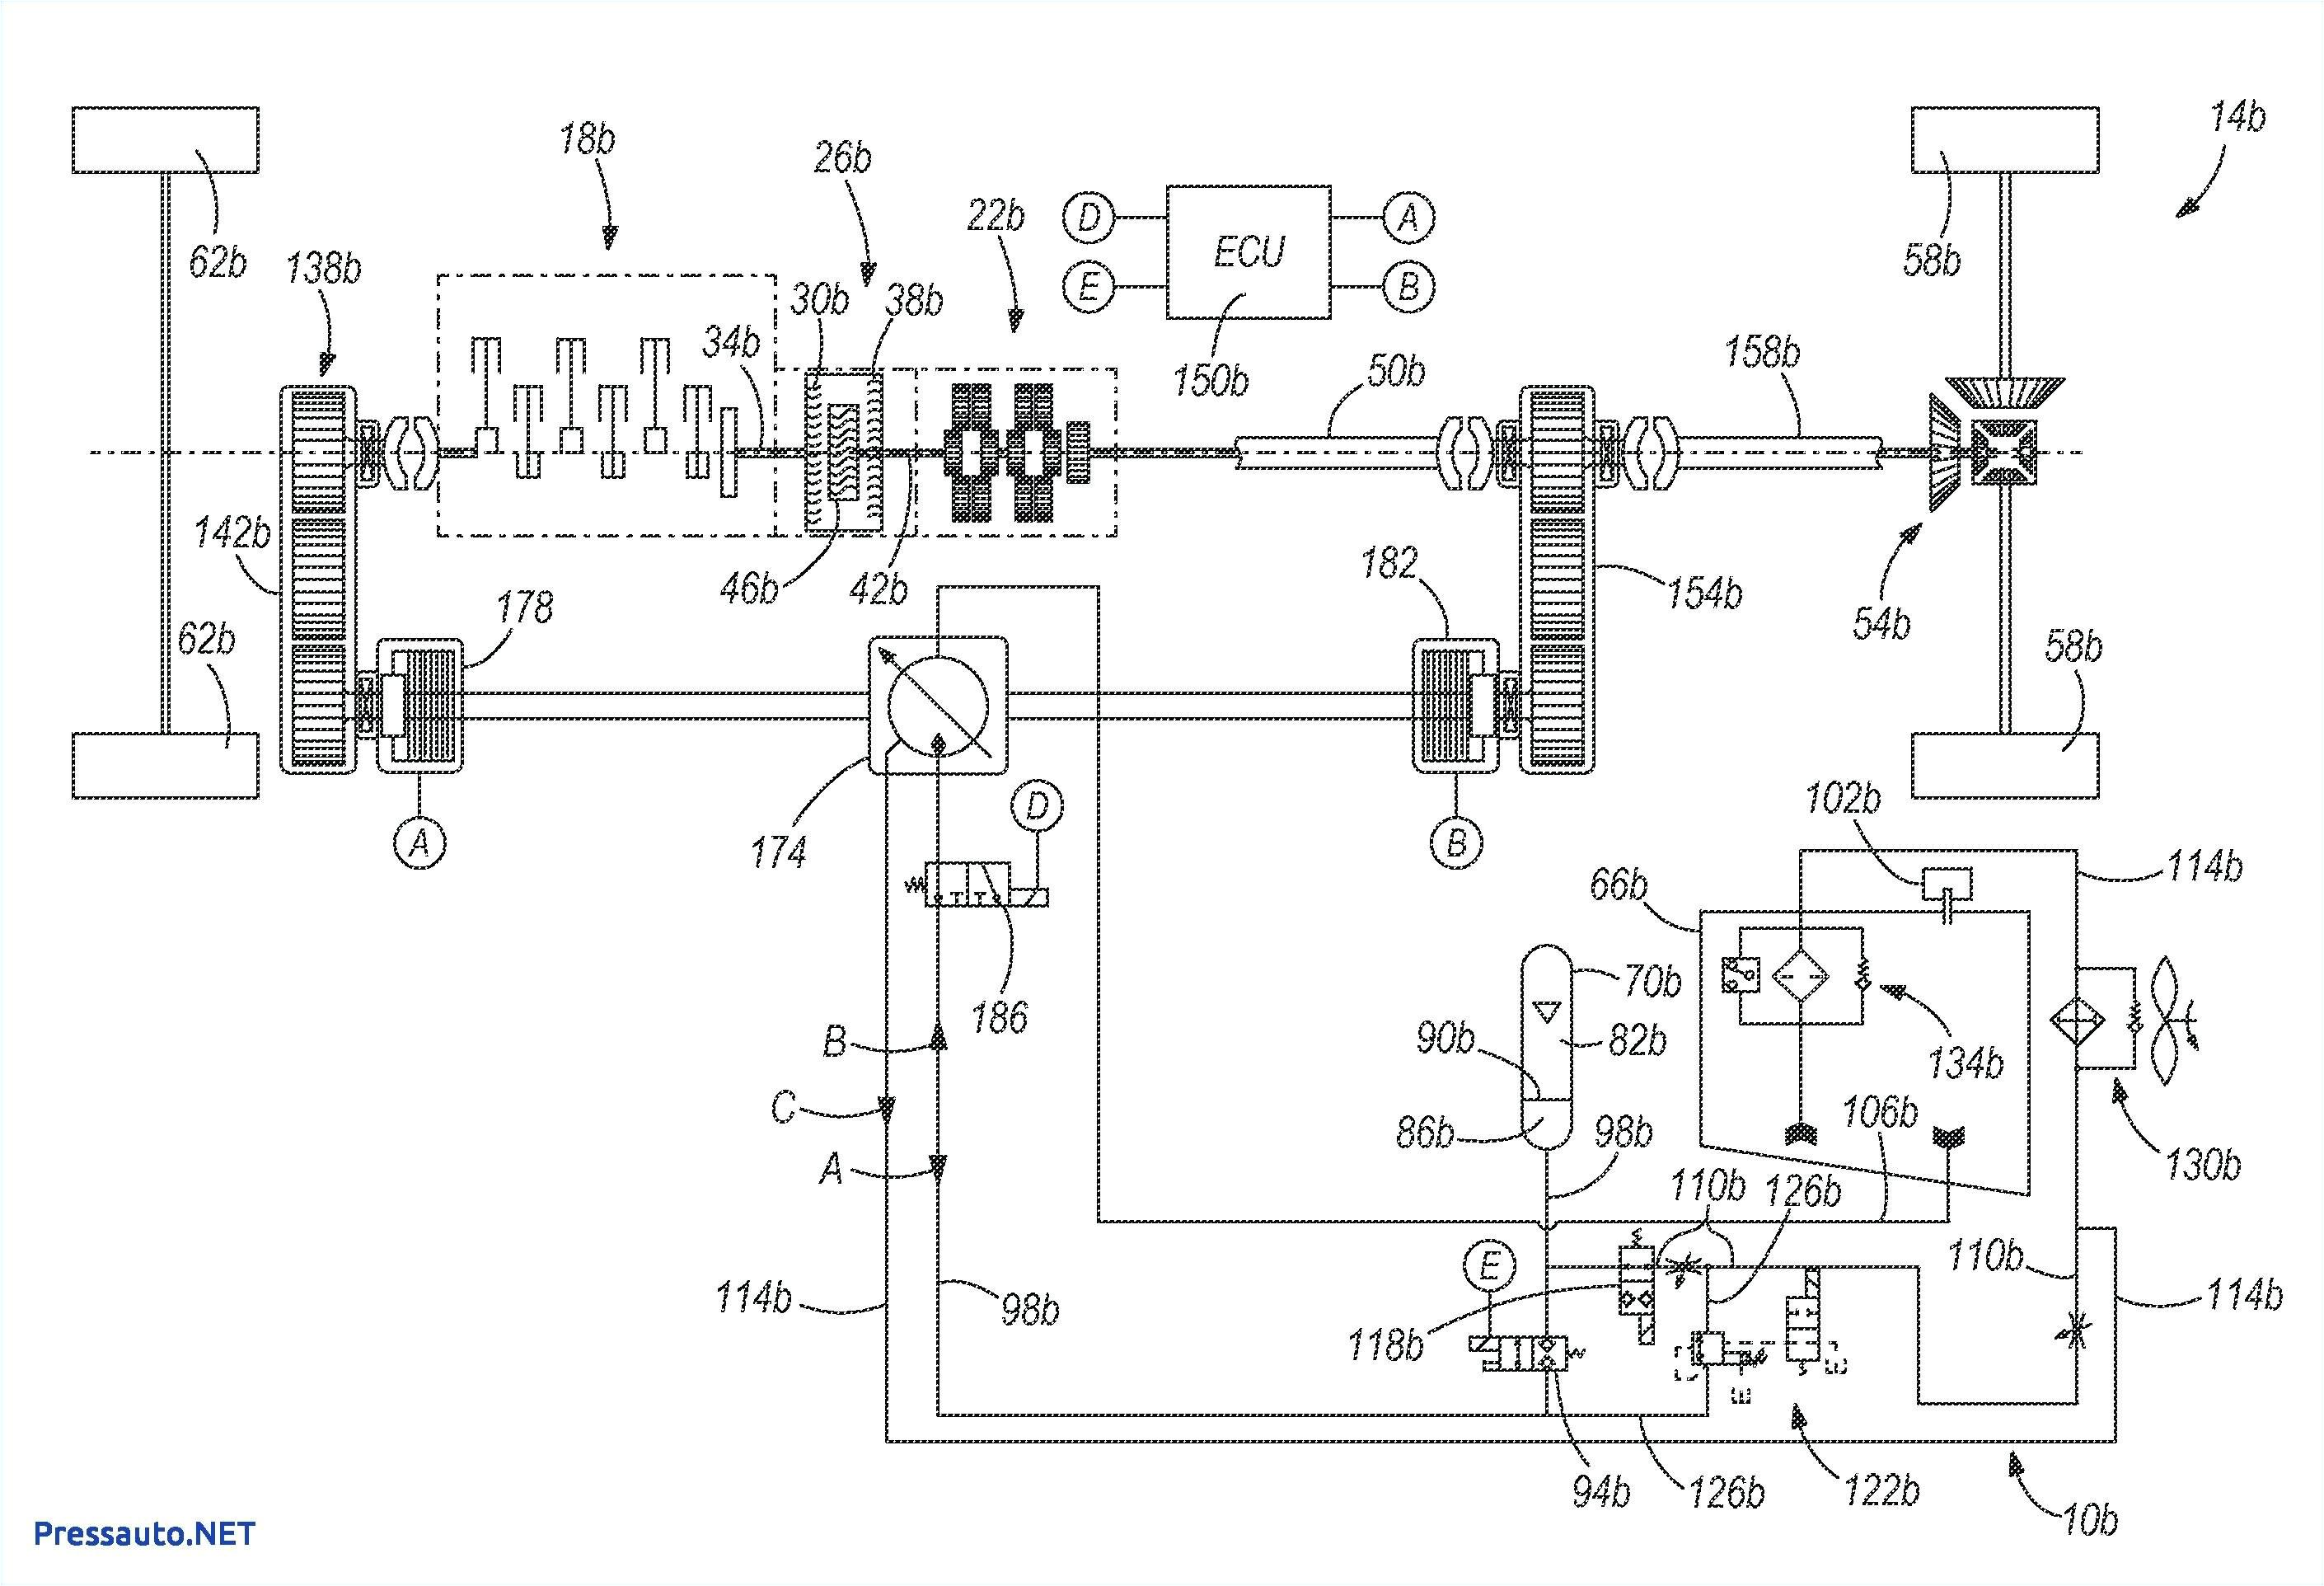 ih 1586 wiring diagram wiring diagram mega